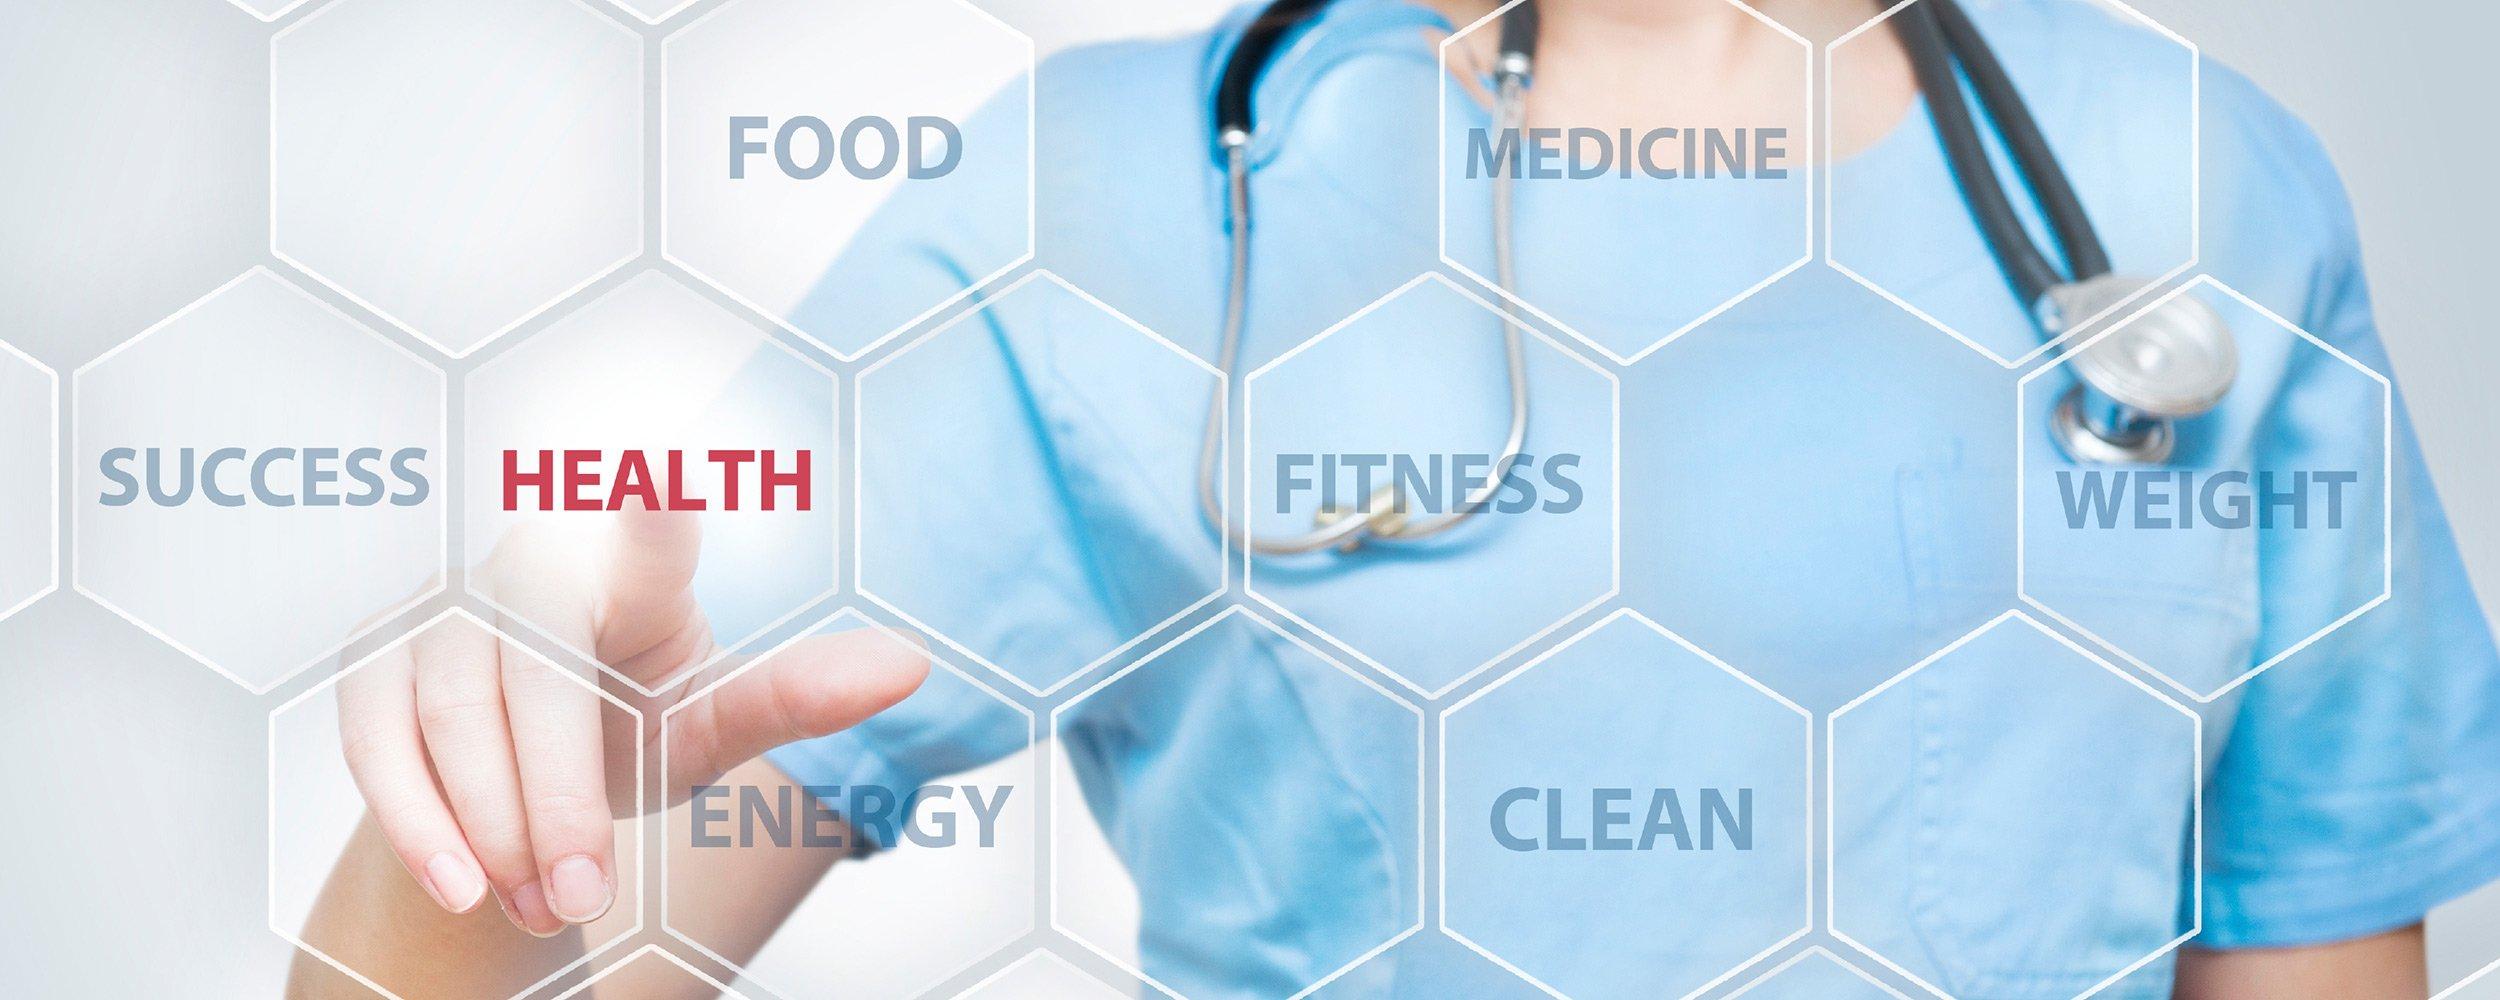 Faktencheck: Kein Beleg für Corona-Abwehr durch Vitamin-D-Einnahme